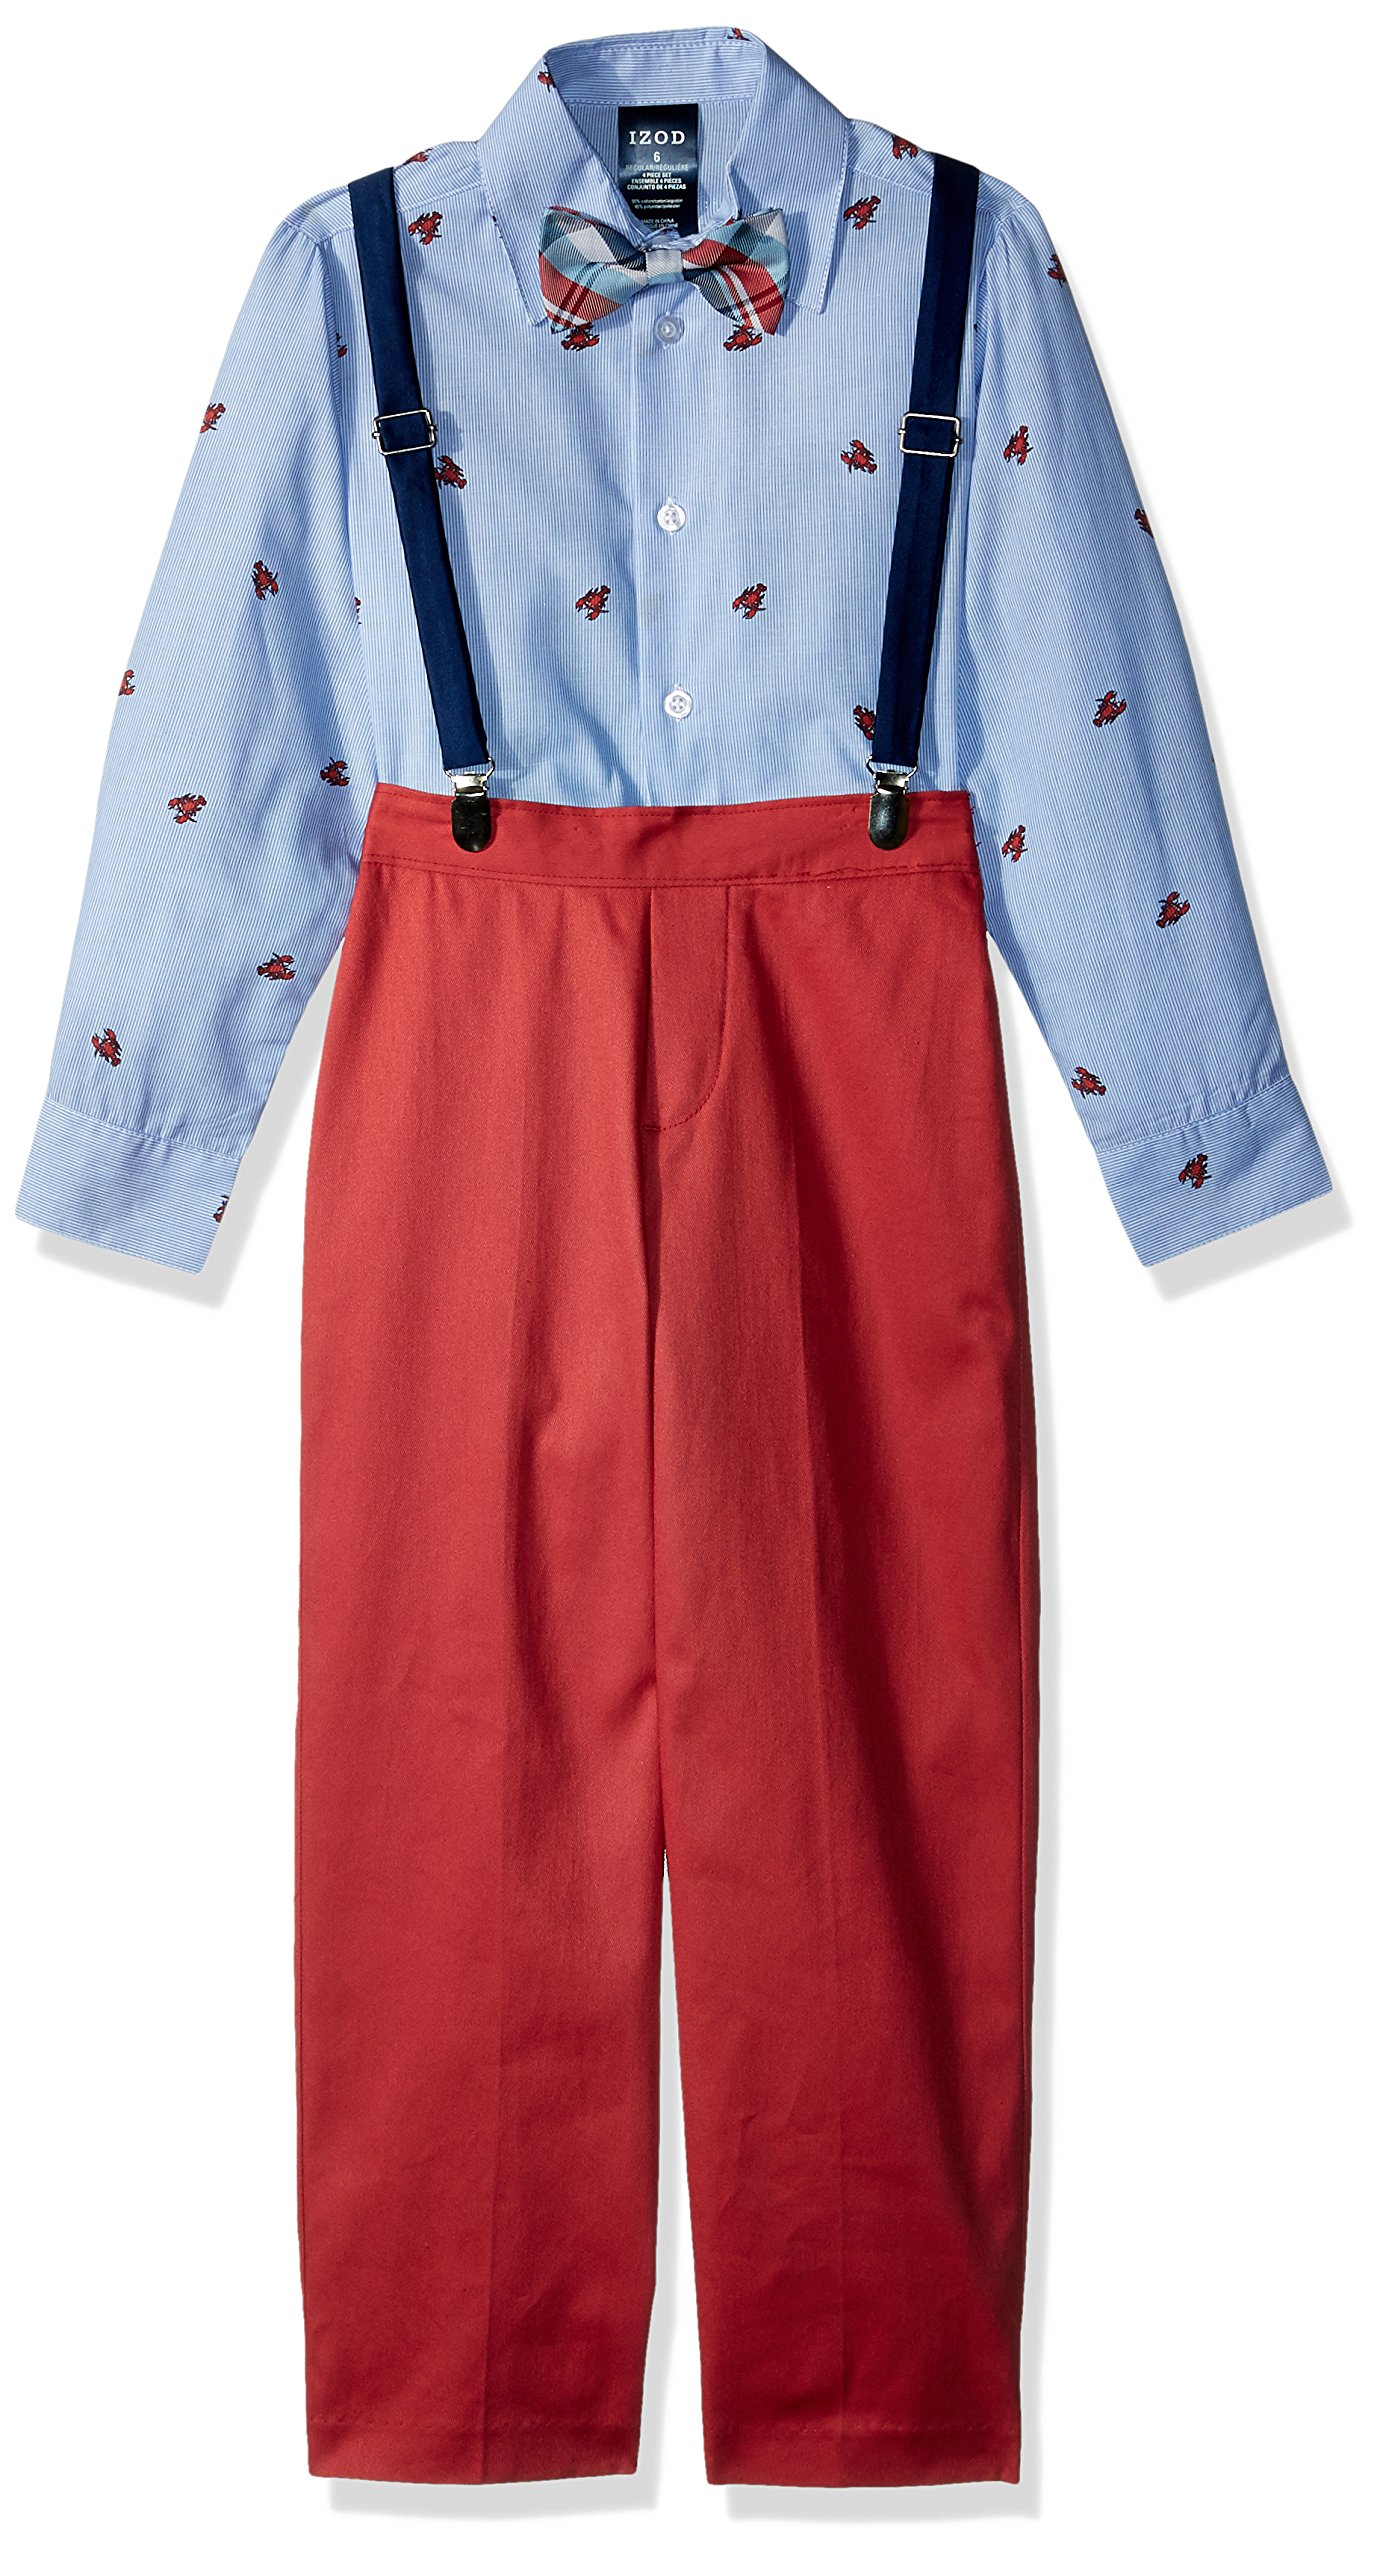 IZOD Little Boys' Four Piece Formal Suspender Set, Bubble Gum, 5